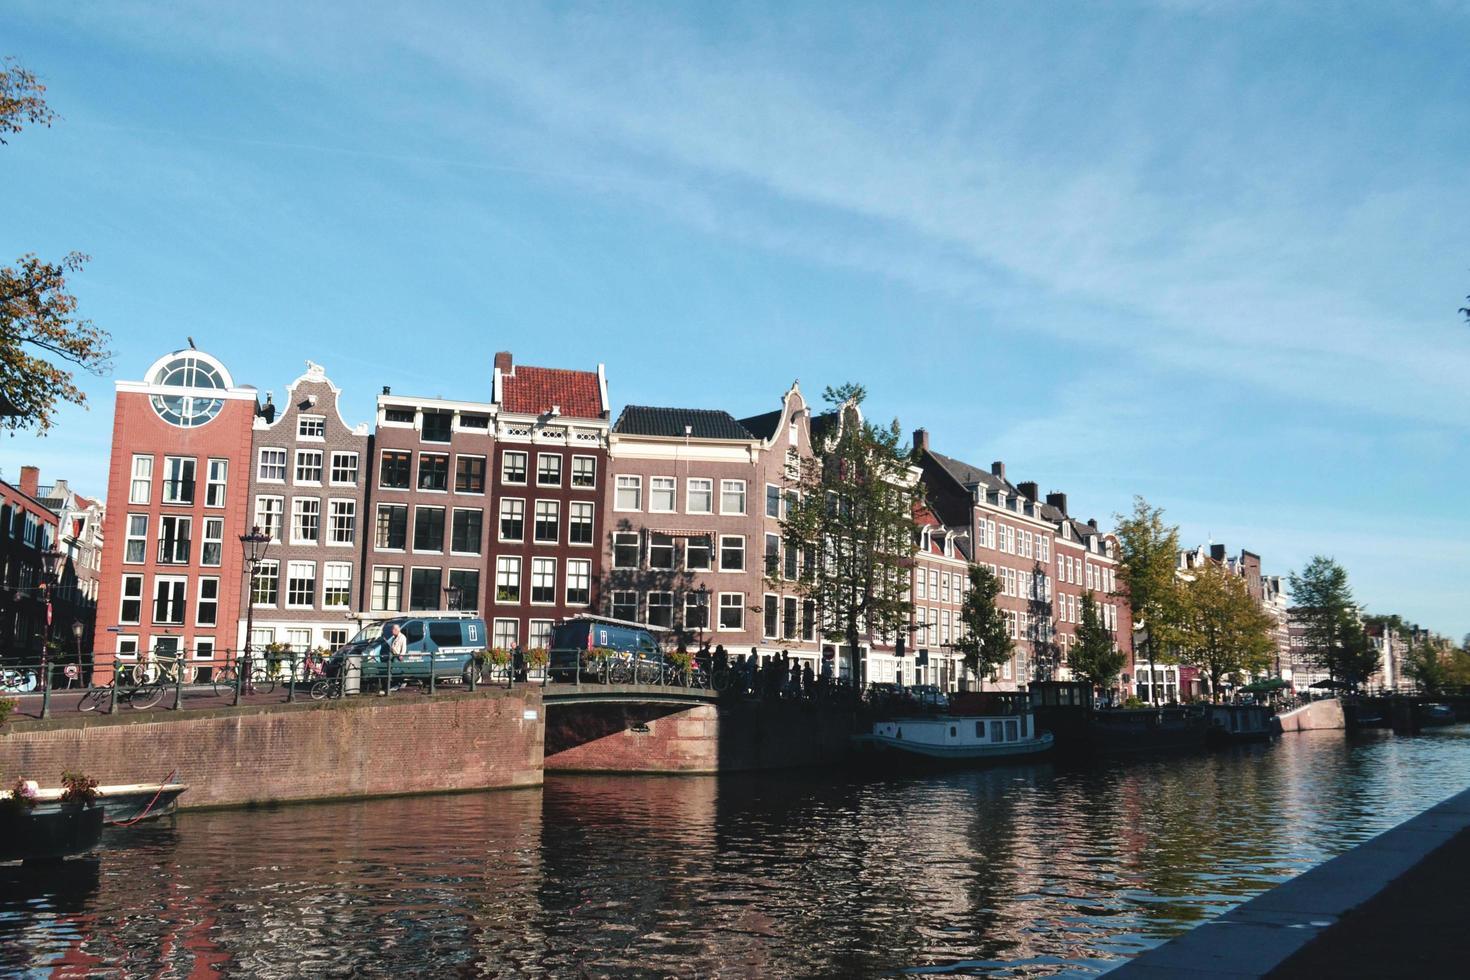 bâtiments le long de la rivière à amsterdam, pays-bas photo